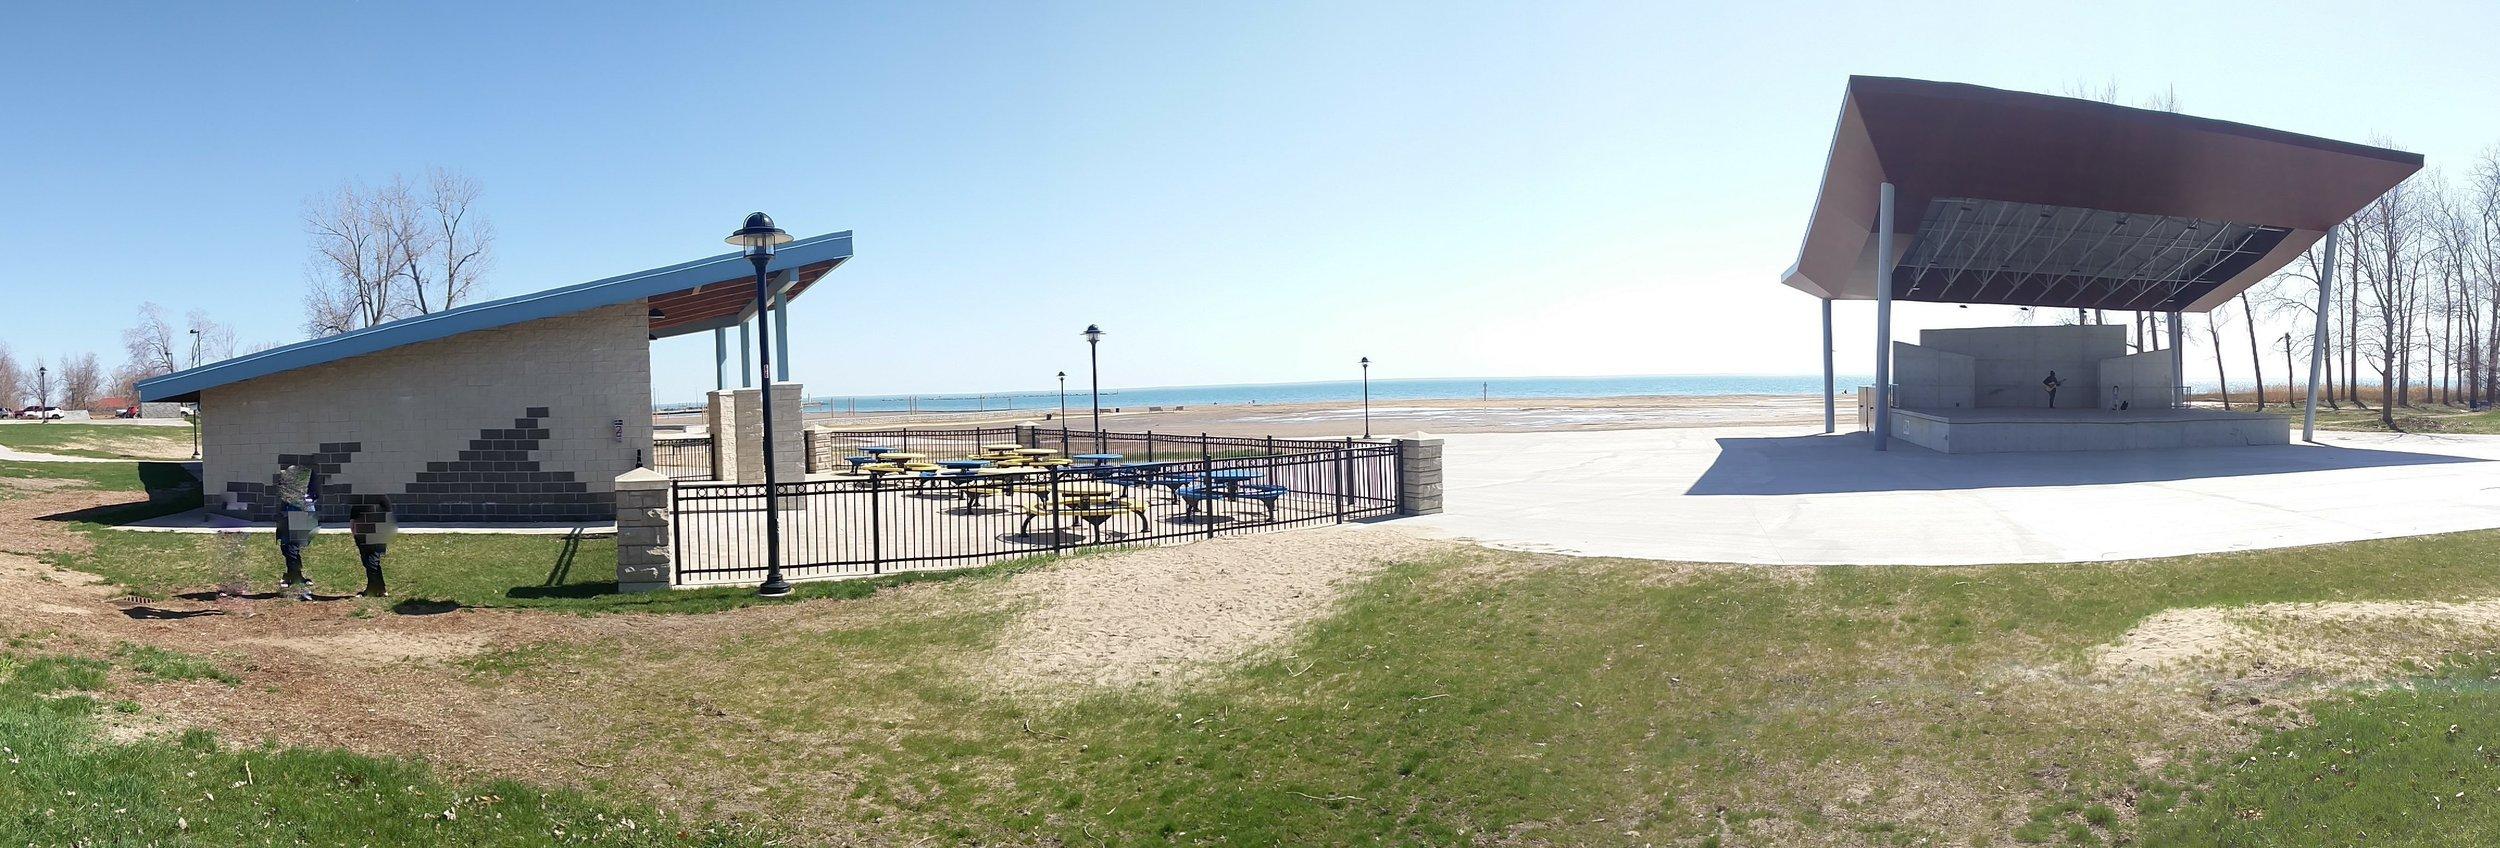 Concessions Seacliff Beach.jpg